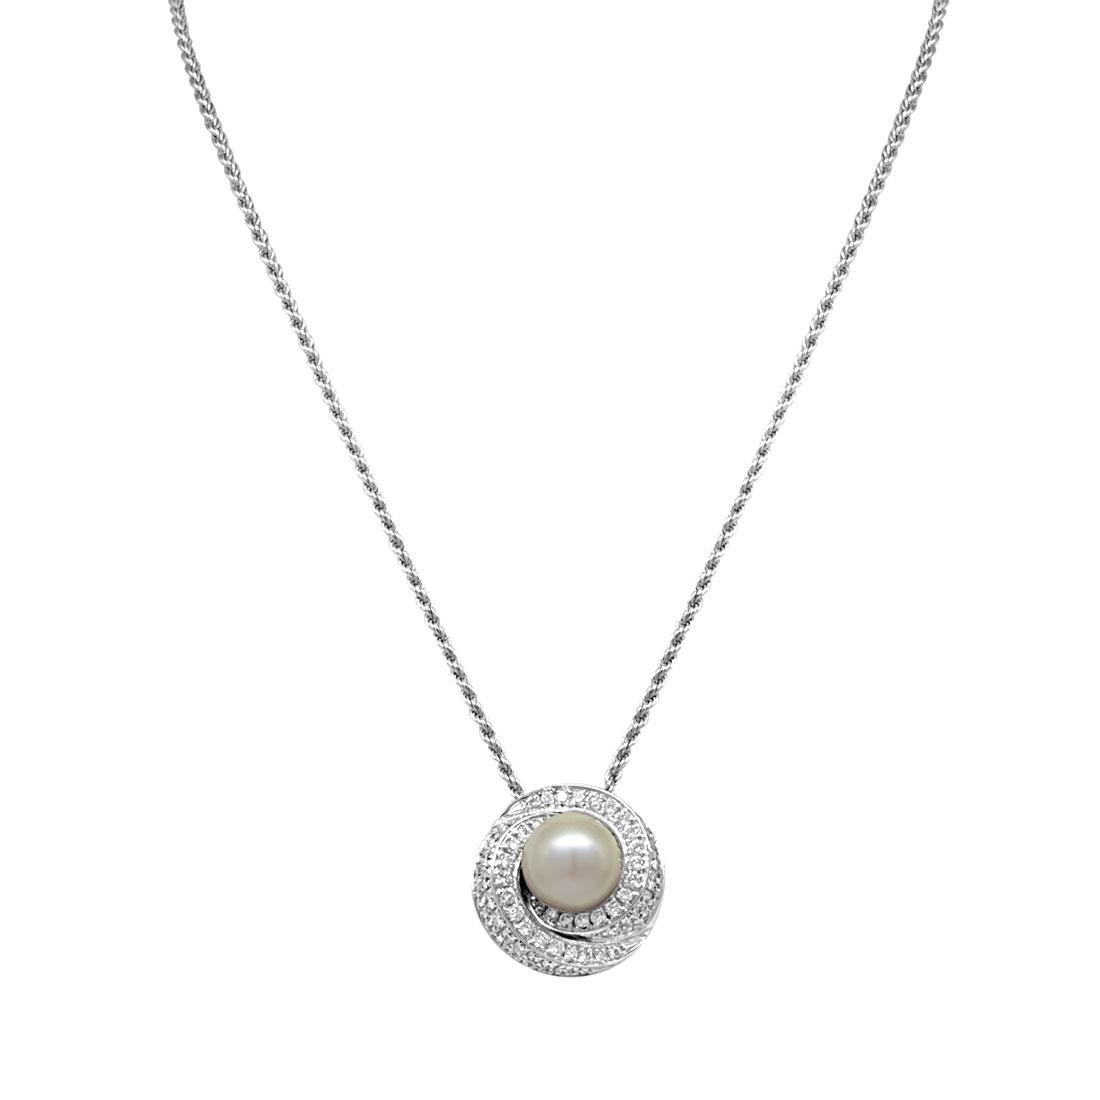 Collana in oro bianco con diamanti ct 1.21 e perla, lunghezza 42cm - SALVINI